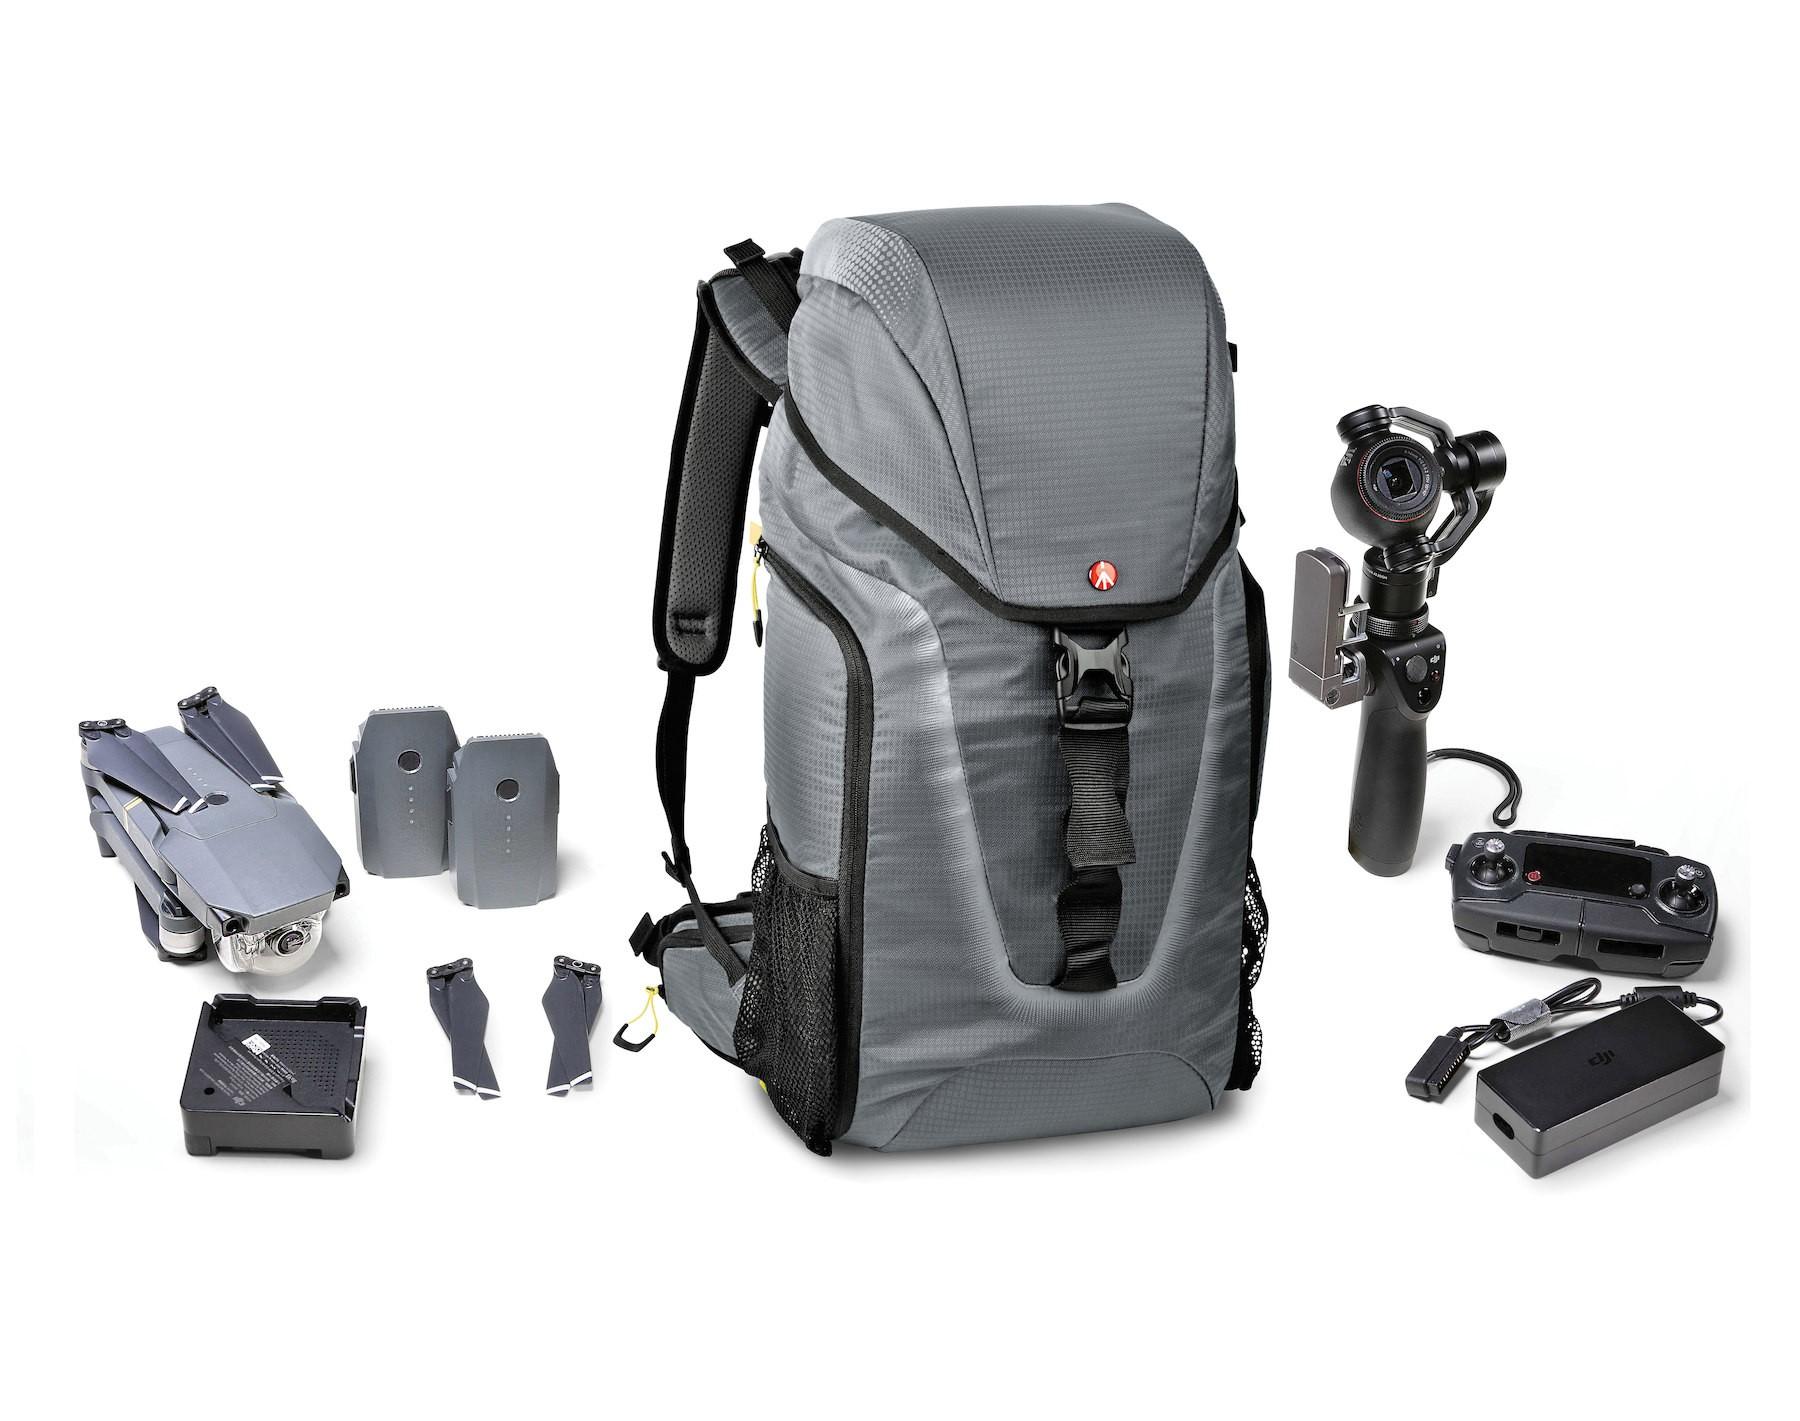 рюкзак для фотоаппарата и вещей сооружение правой